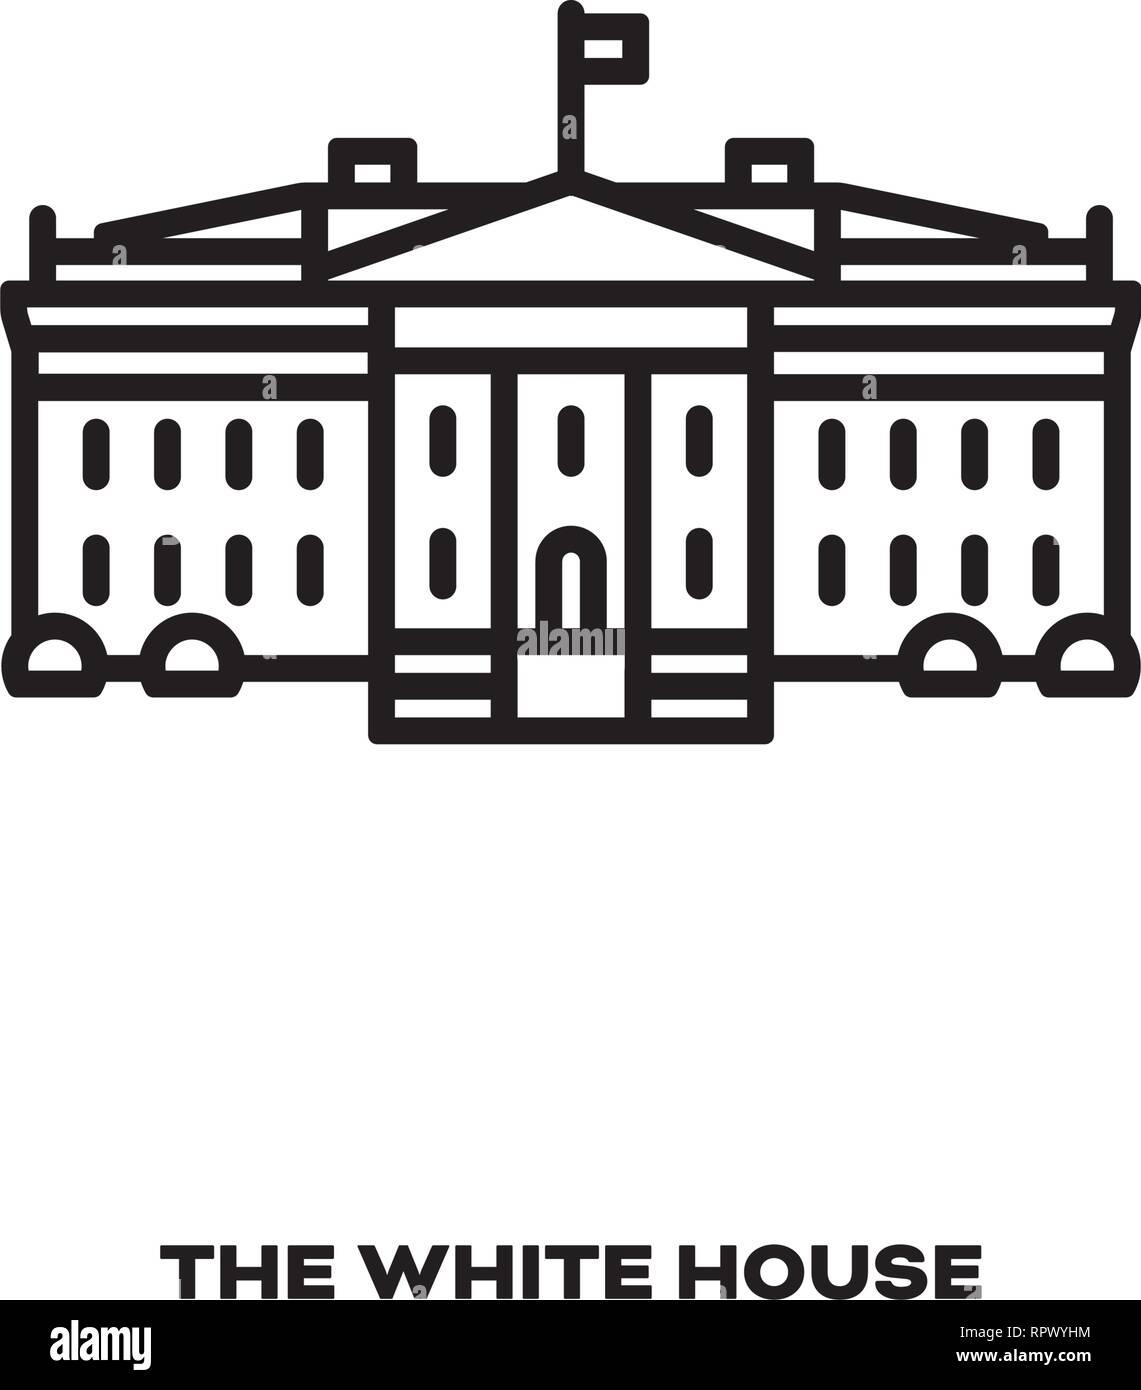 White House at Washington, United States, vector line icon. International landmark  symbol. - Stock Image